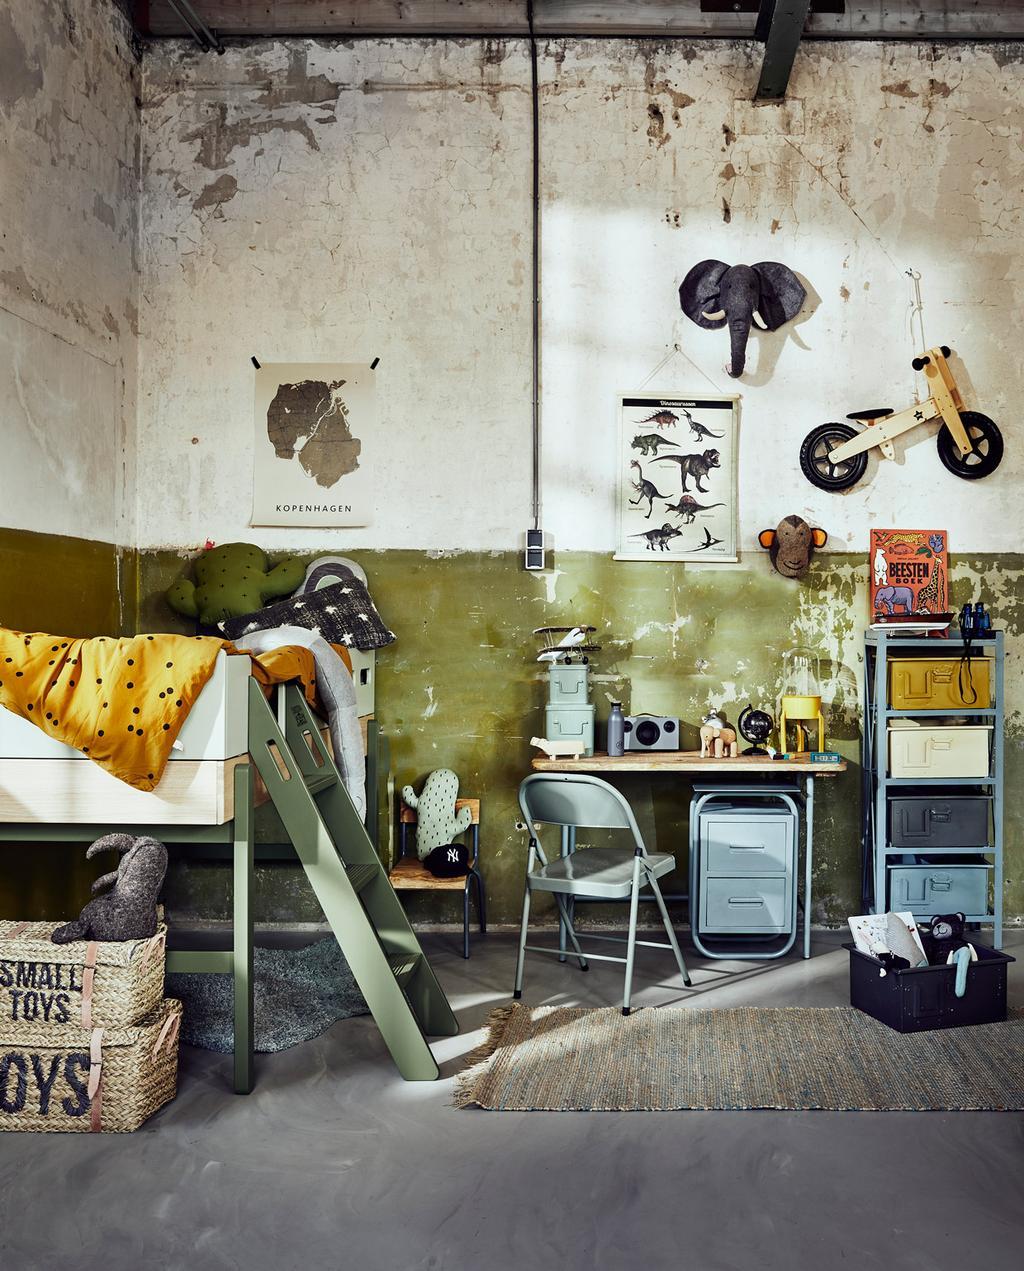 vtwonen shop | styling Cleo Scheulderman, fotografie Jeroen van der Spek